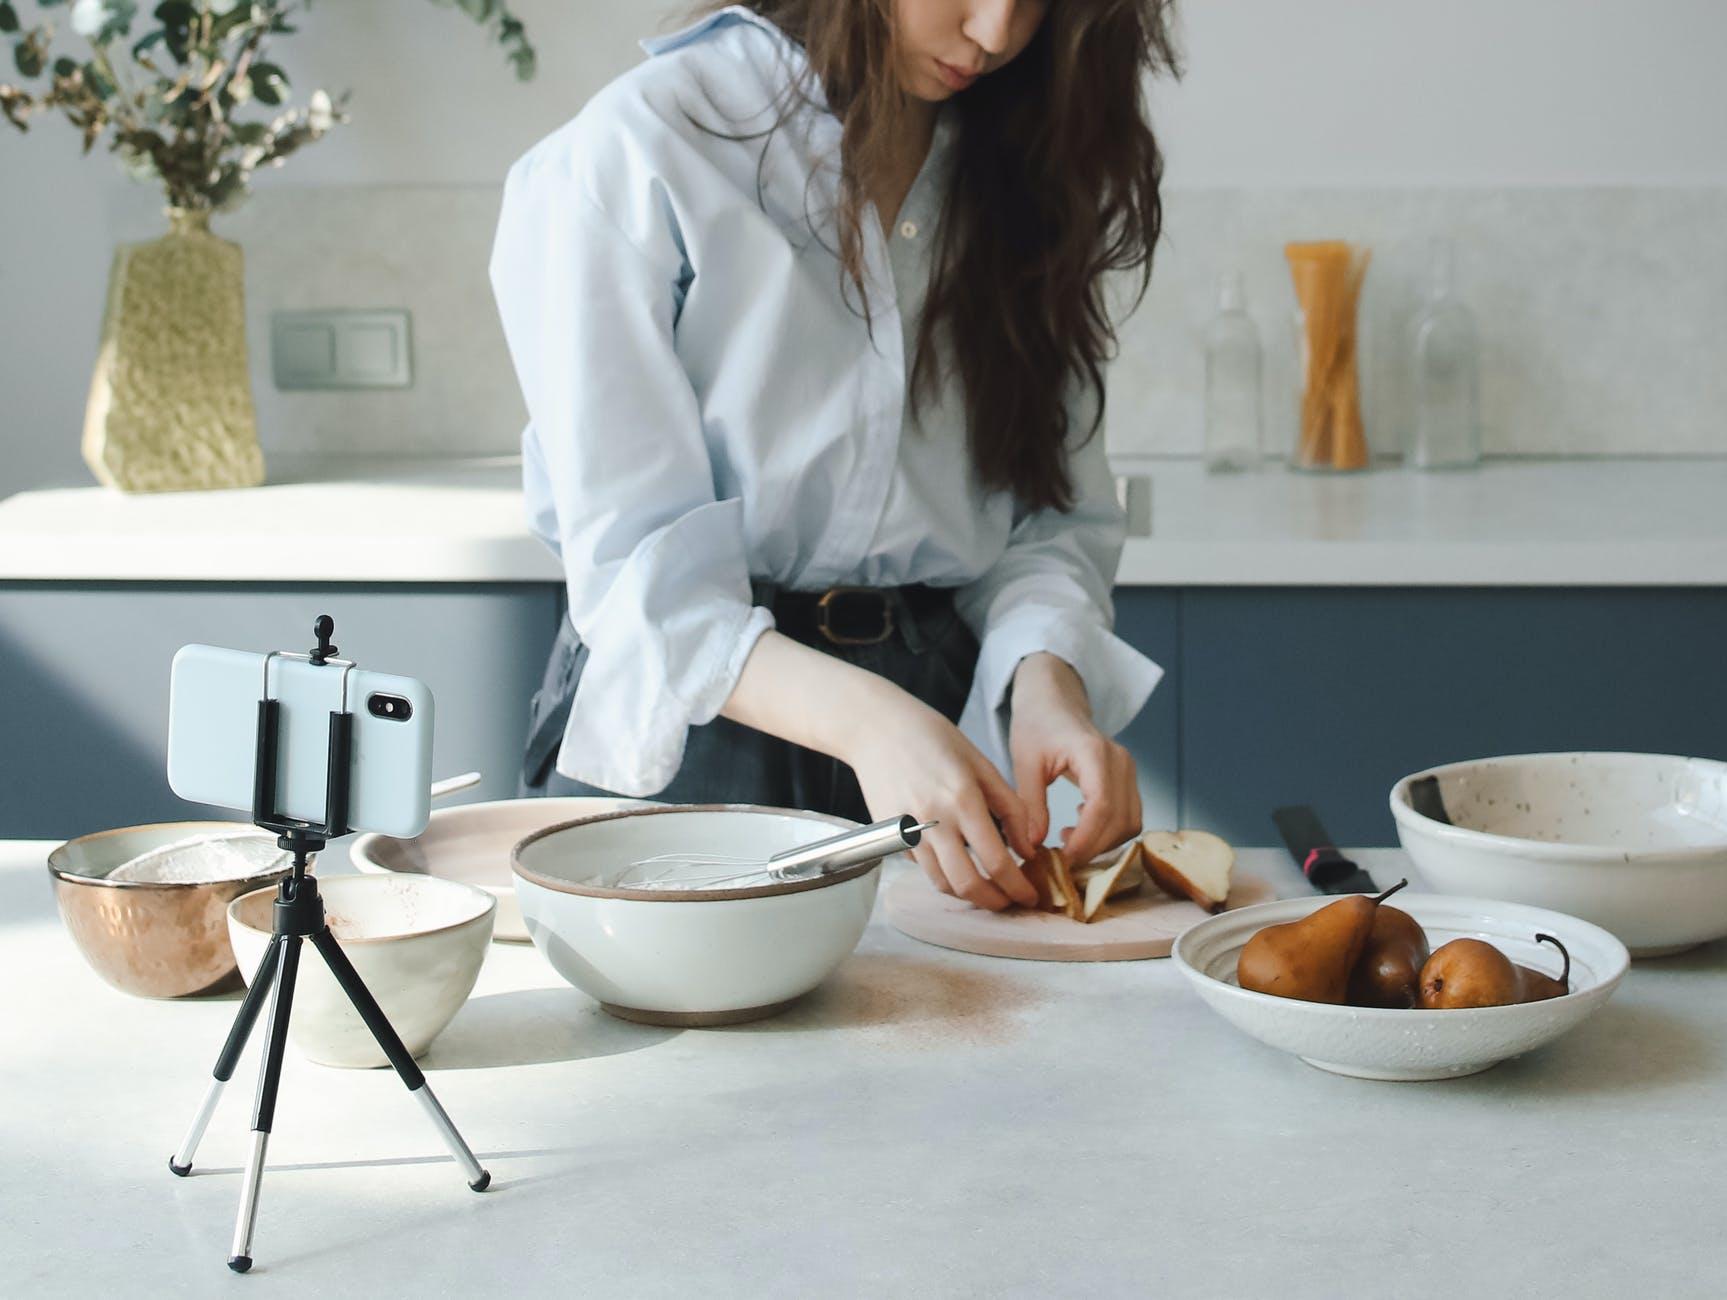 Preparing for food blogs